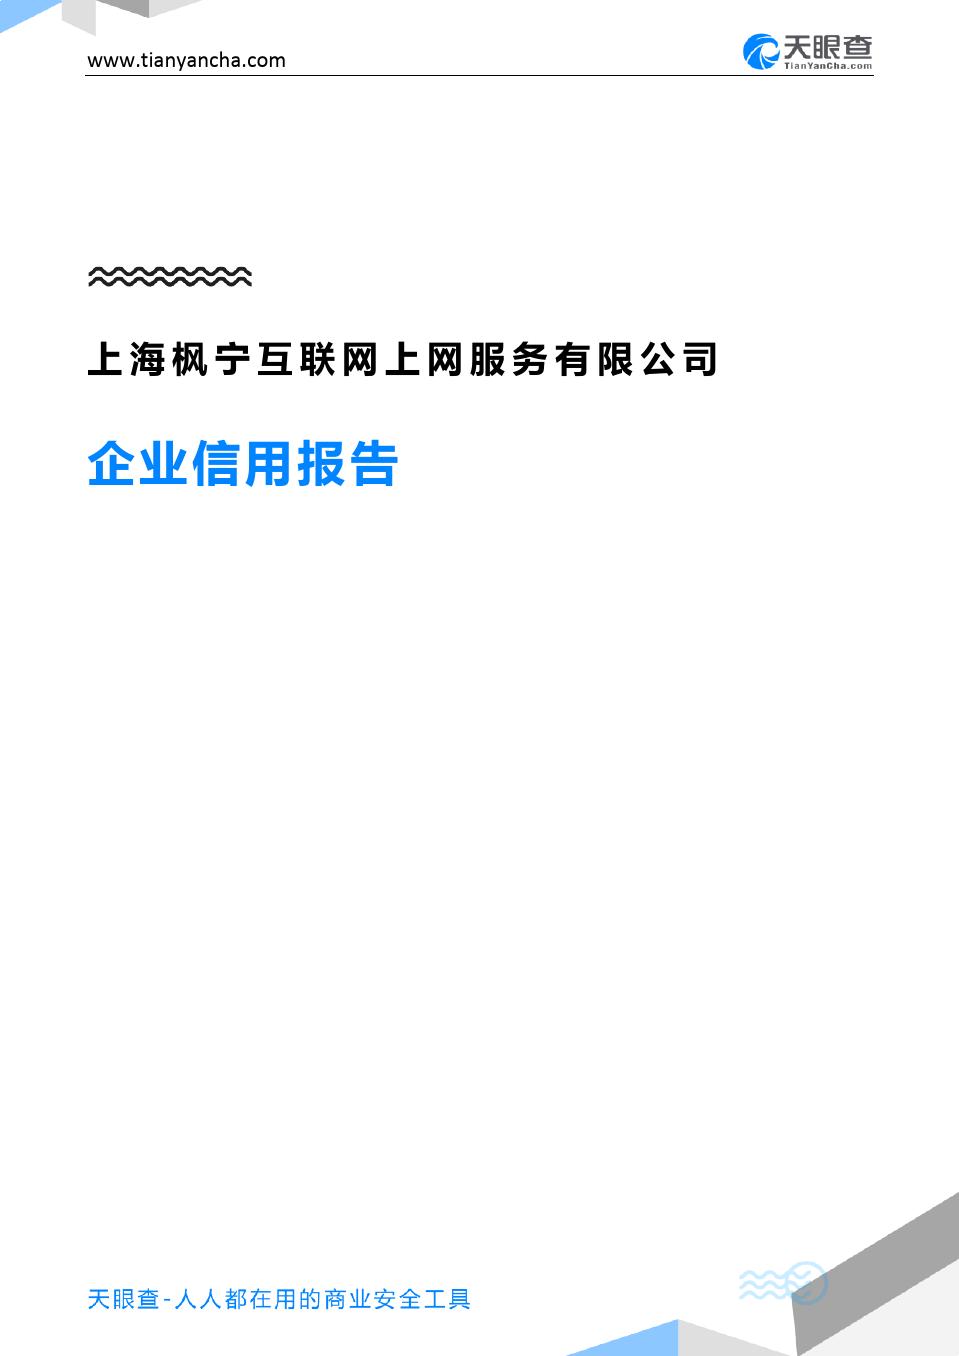 上海枫宁互联网上网服务有限公司(企业信用报告)- 天眼查